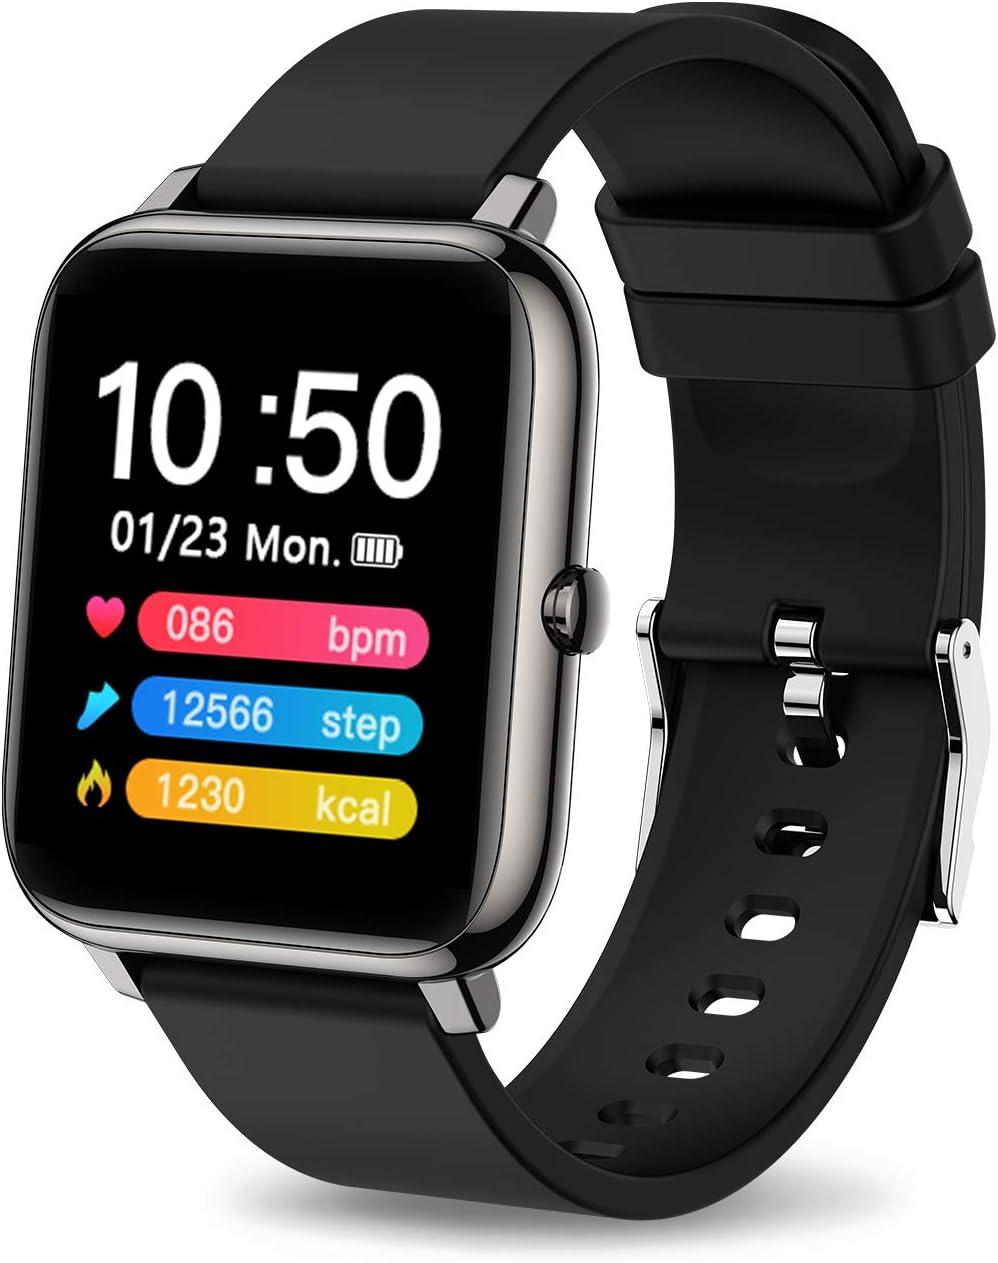 iporachx Smartwatch, Relojes Inteligentes Hombre Impermeable IP67 para Deportivo con Pulsómetro, Calorías, Monitor de Sueño, Podómetro Pulsera Actividad, Smart Watch Reloj Inteligente